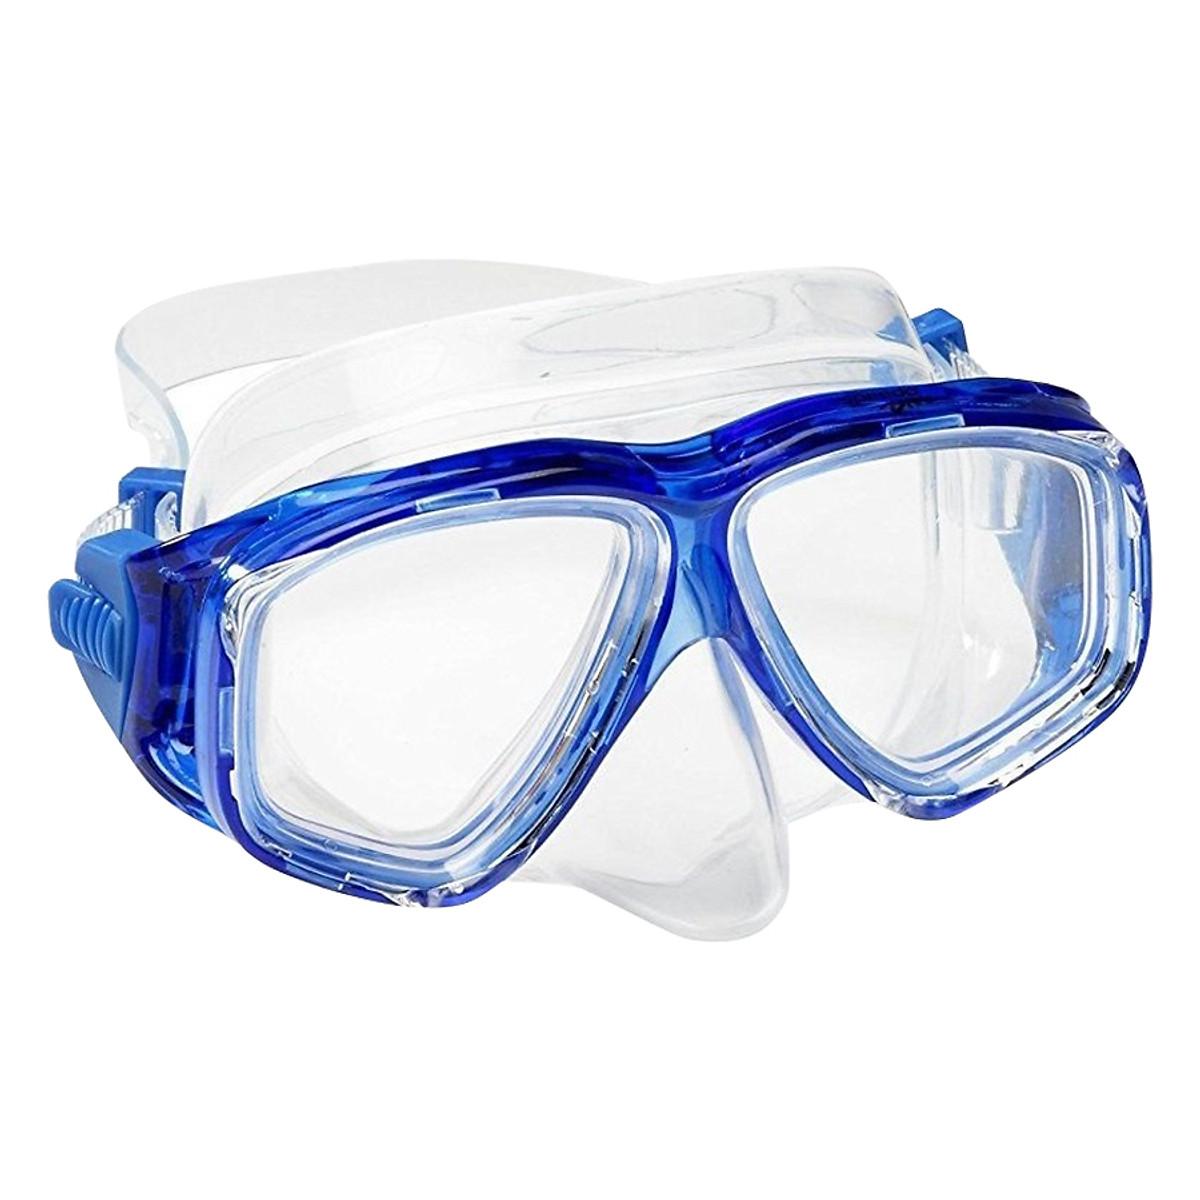 Mặt Nạ Lặn Ống Thở, Cận 4.0 Độ, Mắt Kính Cường Lực, Ống Thở Ngăn Nước POPO Myopia-Mask-Set-4.0 - 1